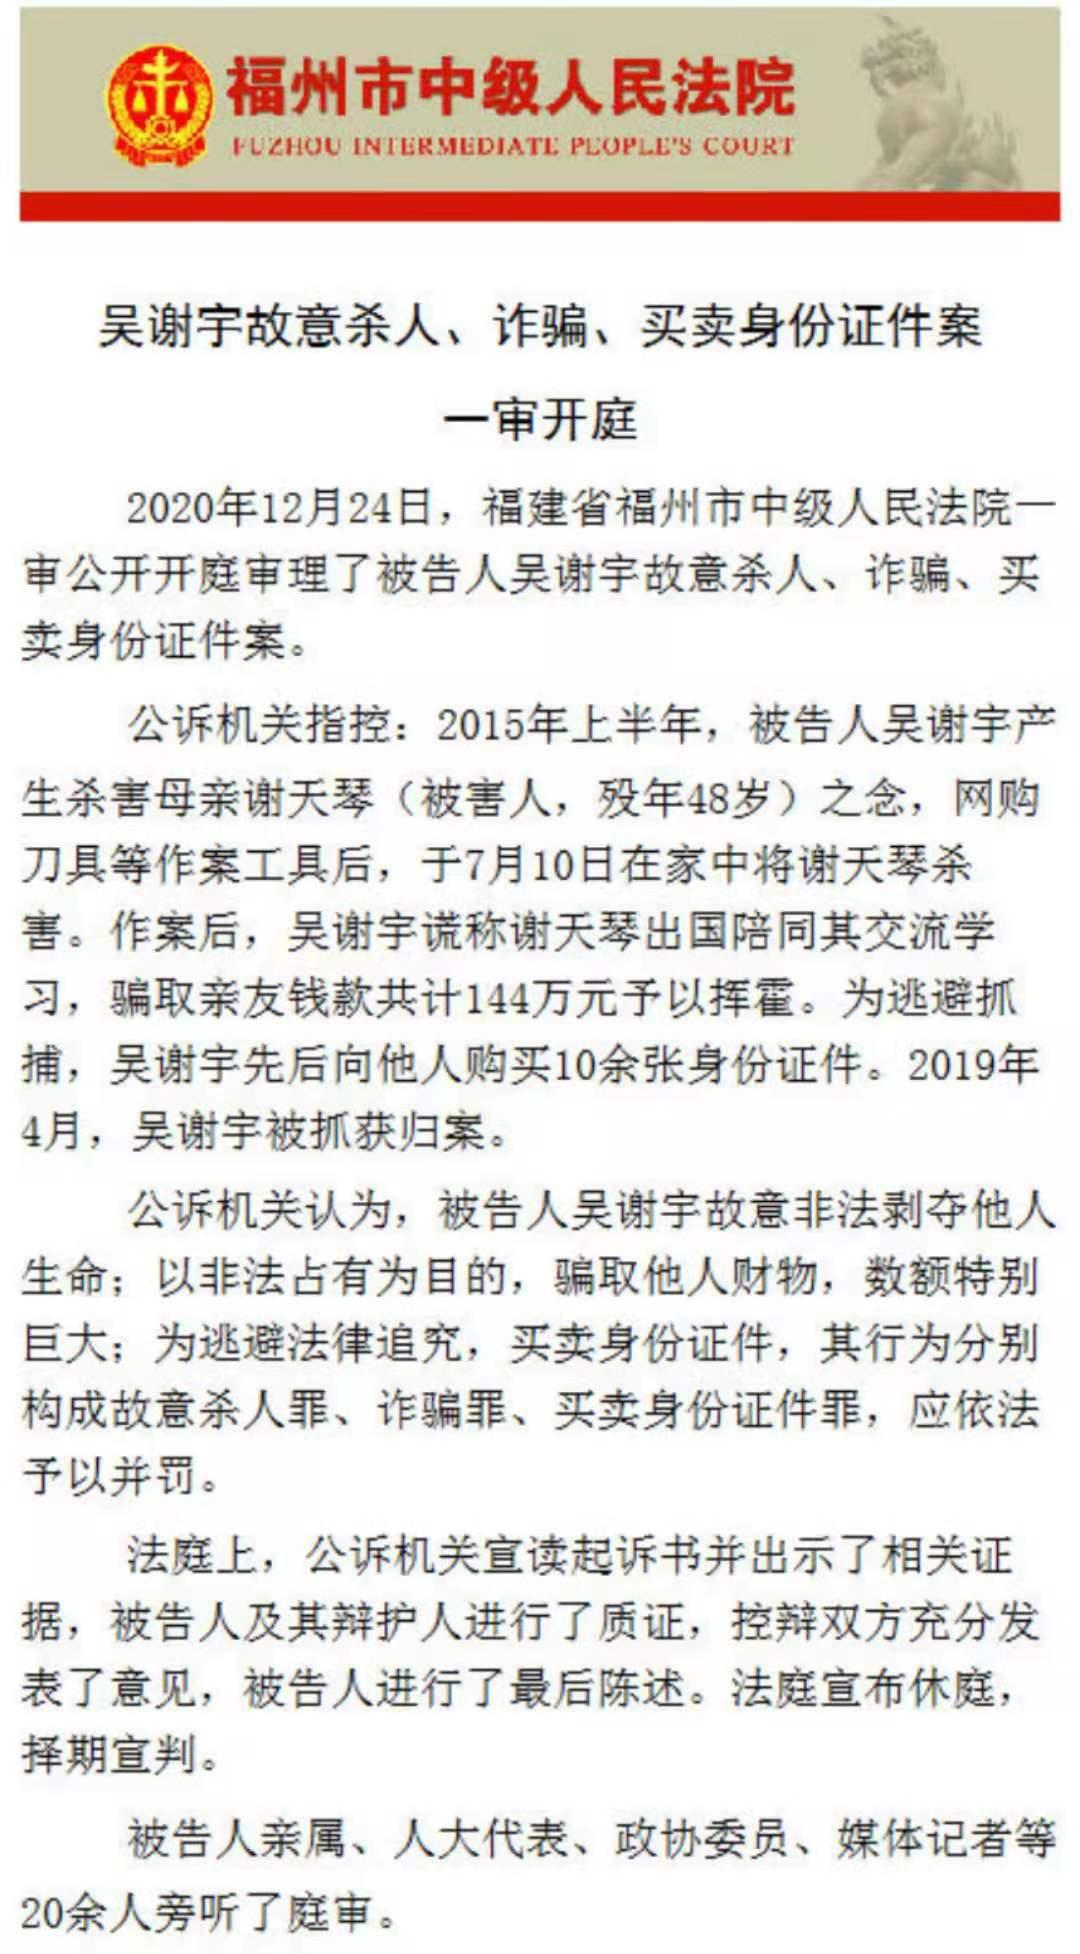 吴谢宇故意杀人罪、诈骗罪、买卖身份证罪一案将于明日开庭